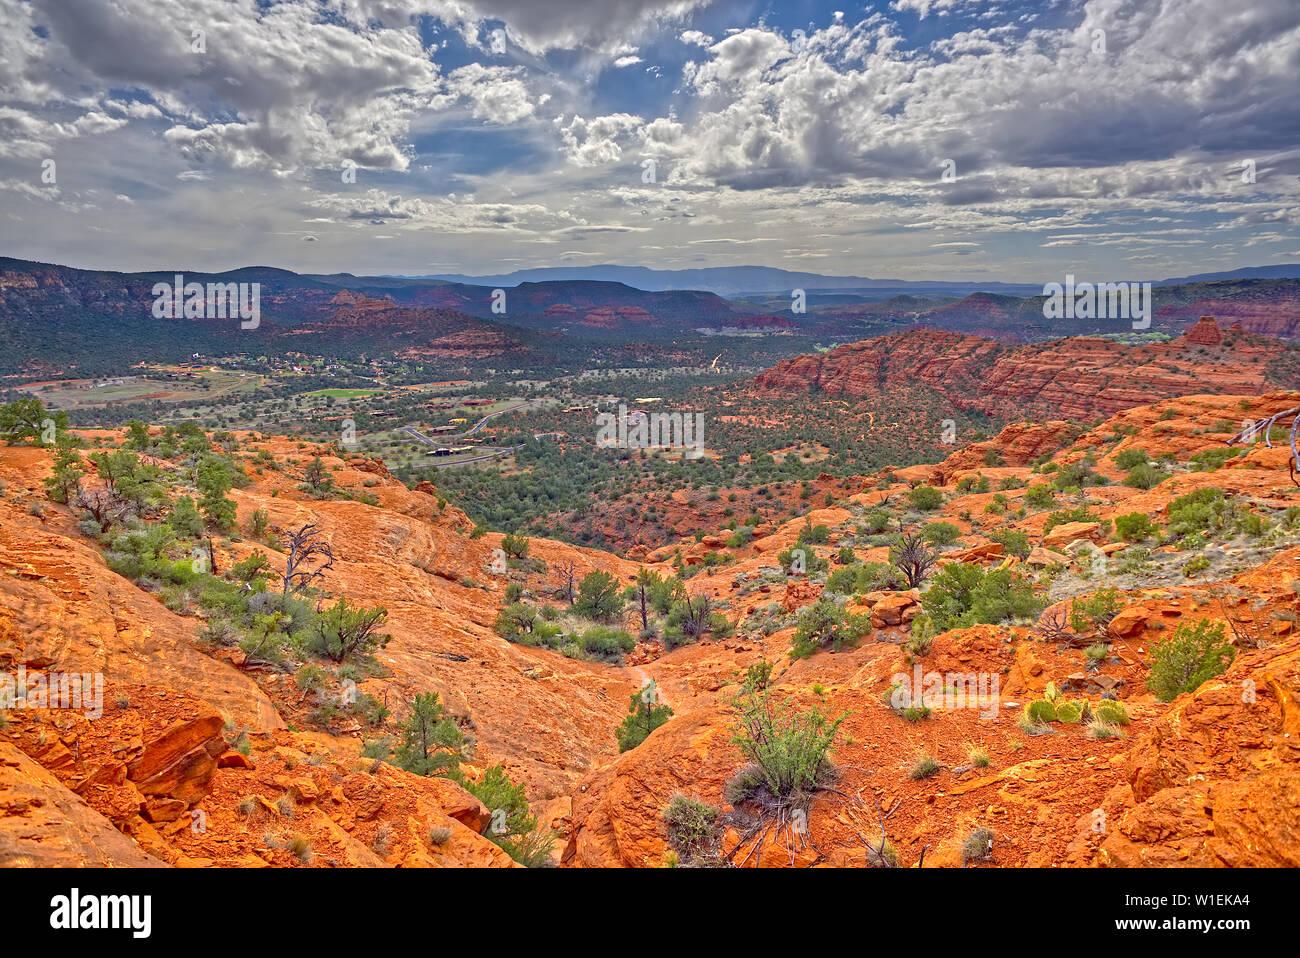 Vue de l'ouest de Sedona à partir d'une falaise sur le côté sud de Cathedral Rock, Sedona, Arizona, États-Unis d'Amérique, Amérique du Nord Banque D'Images